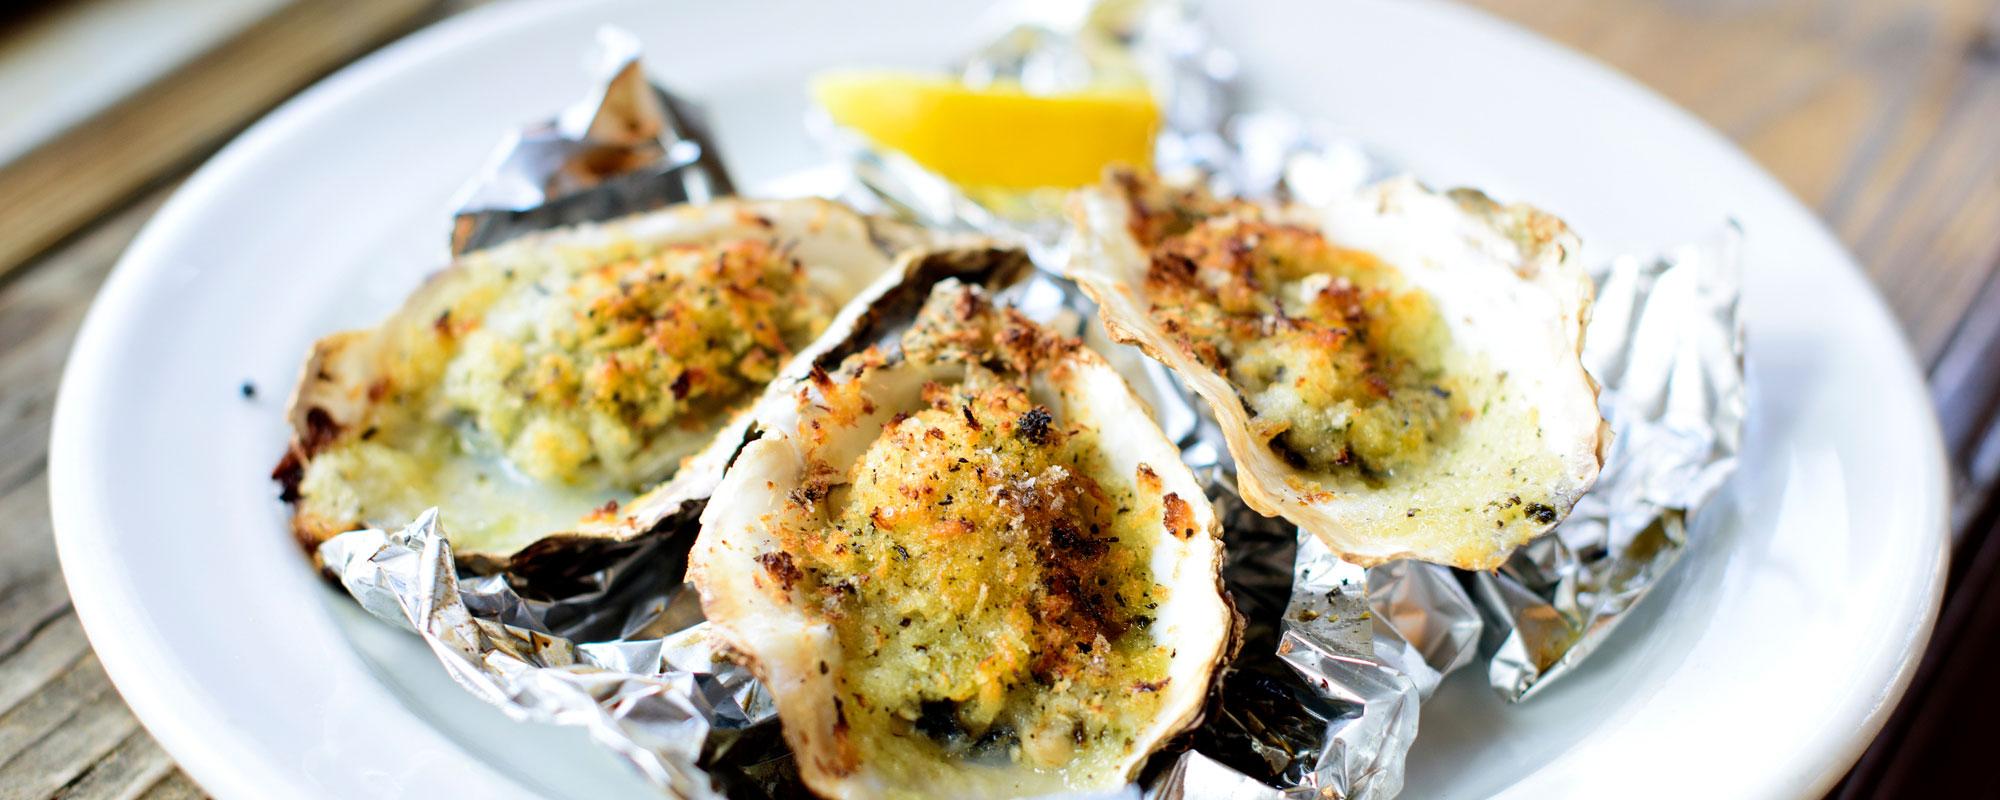 boshamps oyster house destin fl, boshamps destin, seafood restaurants destin fl